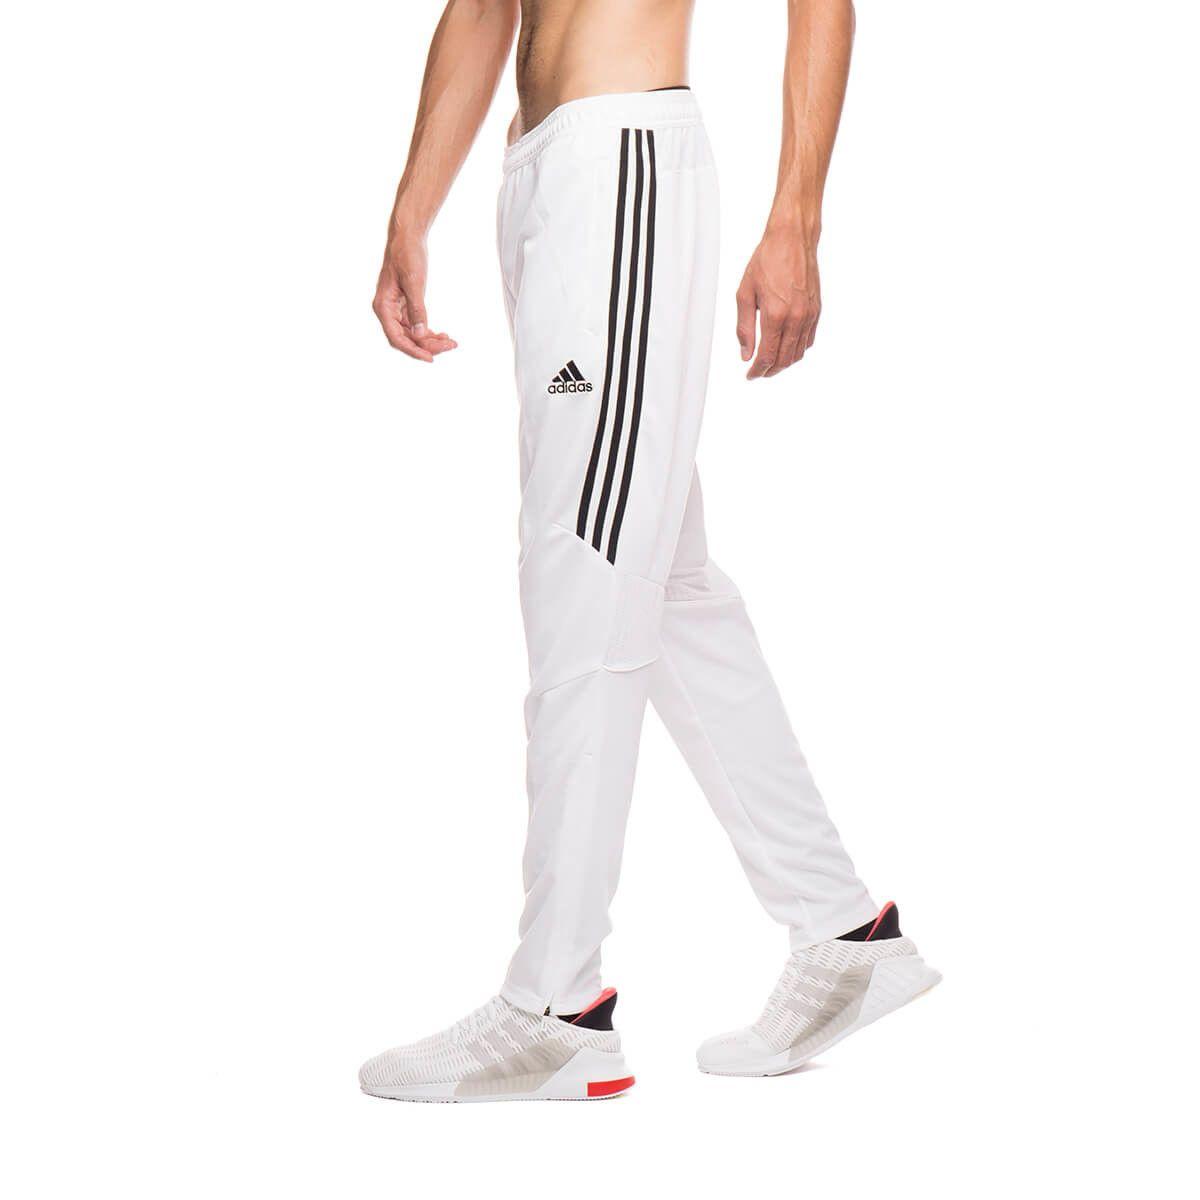 wholesale dealer 88267 f83cb Adidas track sweatpants | Gosha Rubchinskiy | Gosha ...